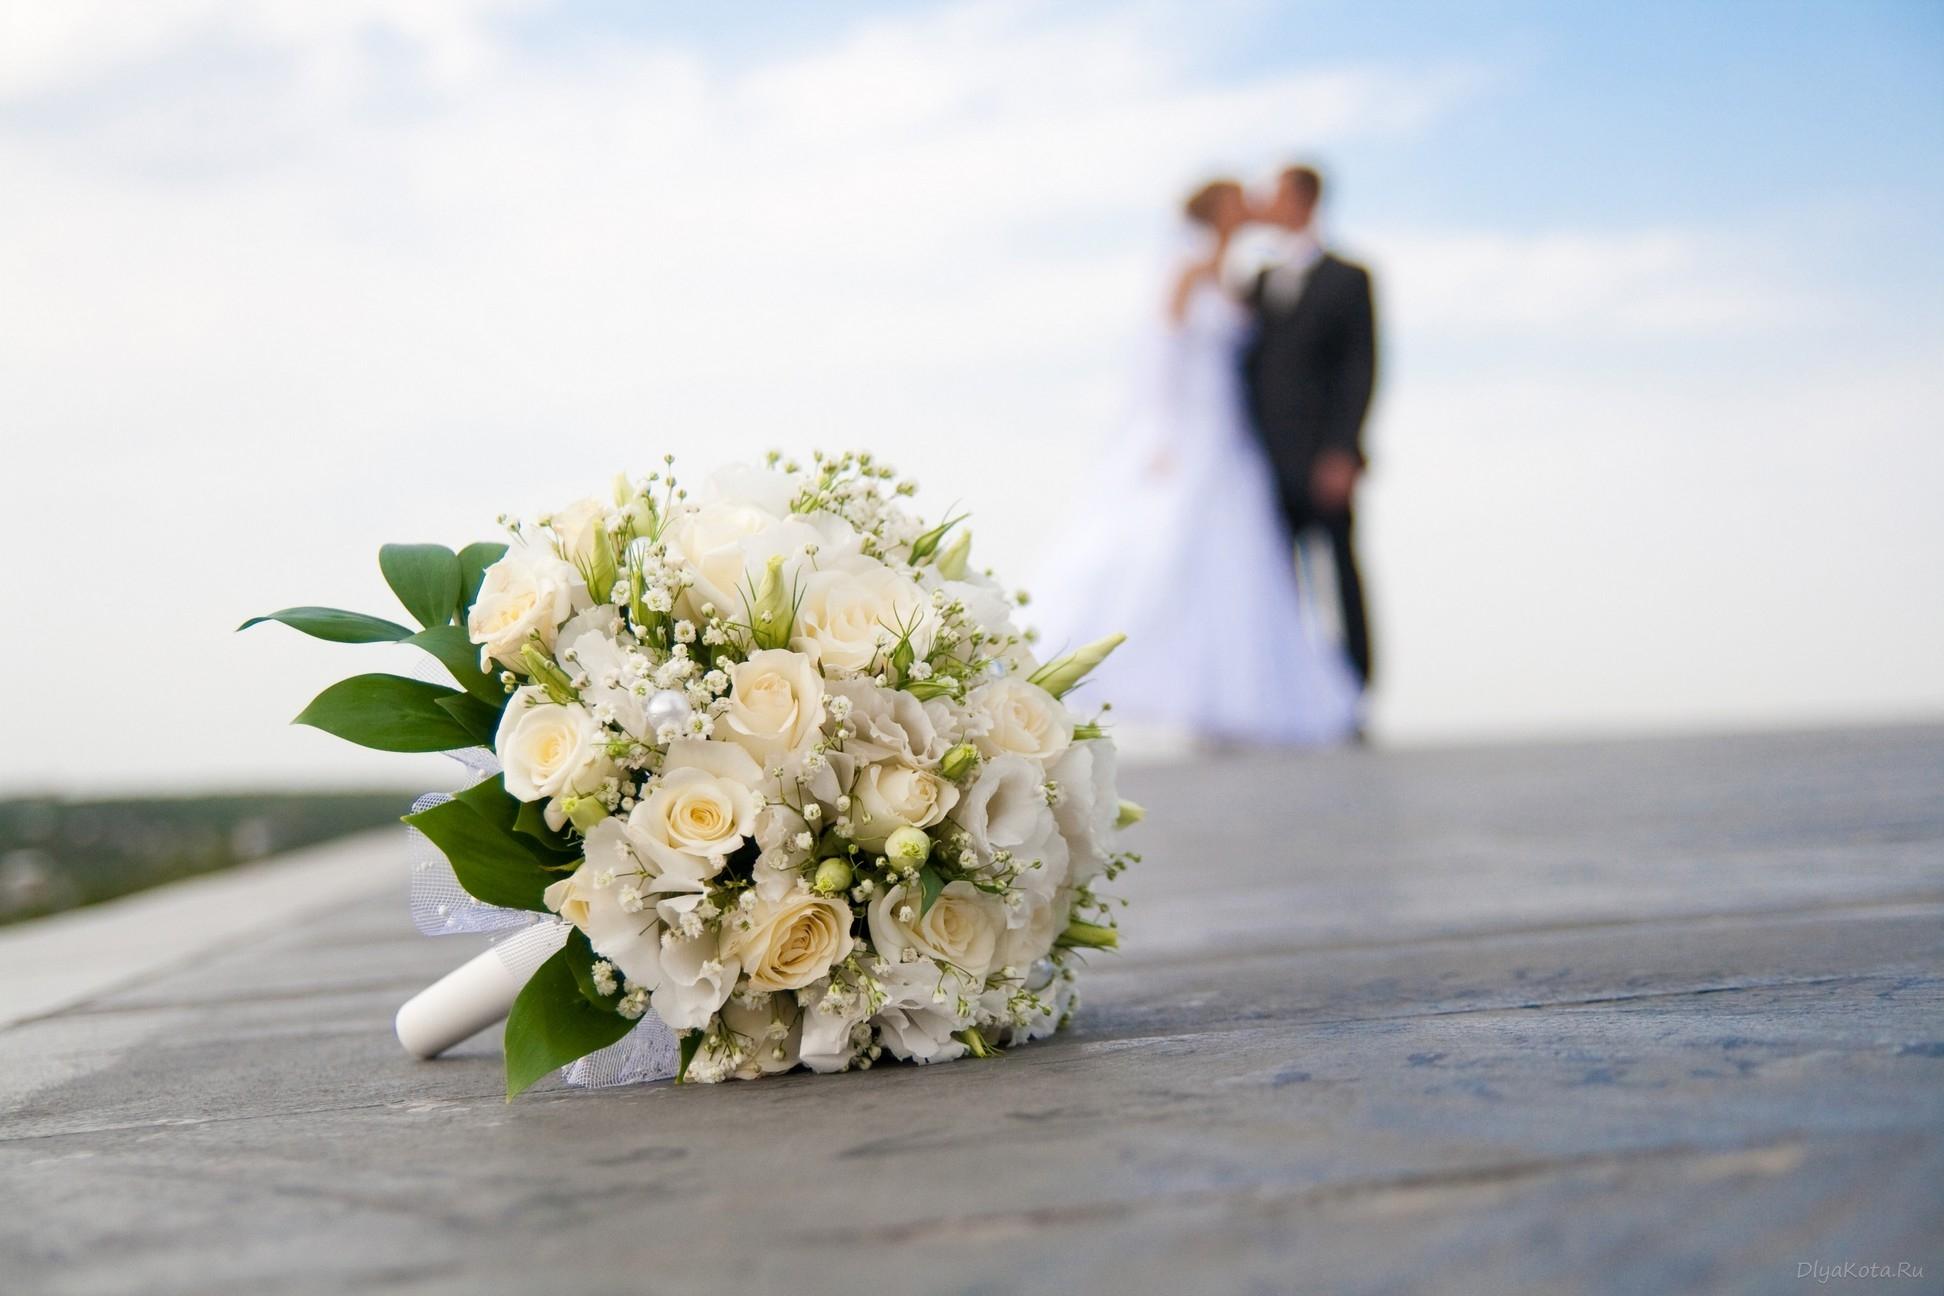 10 фактов о браке, которые вам никто не расскажет